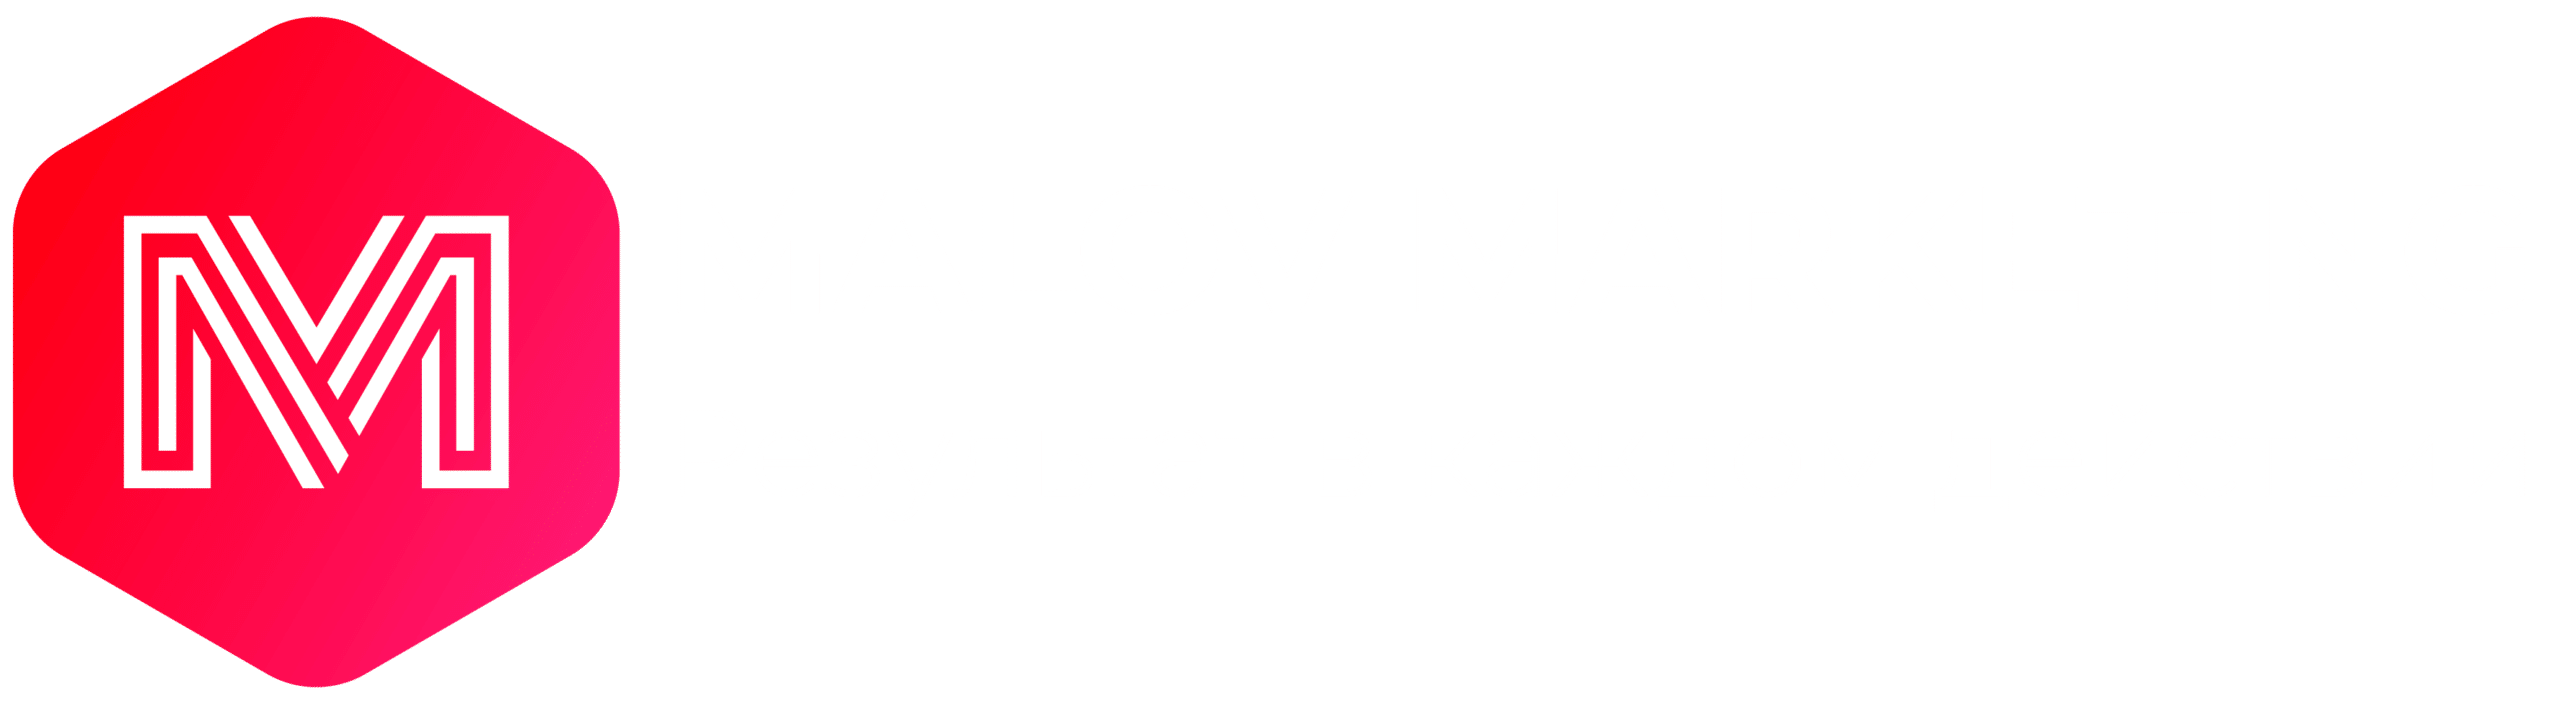 Malov marketing - студия маркетинга Малова Никиты